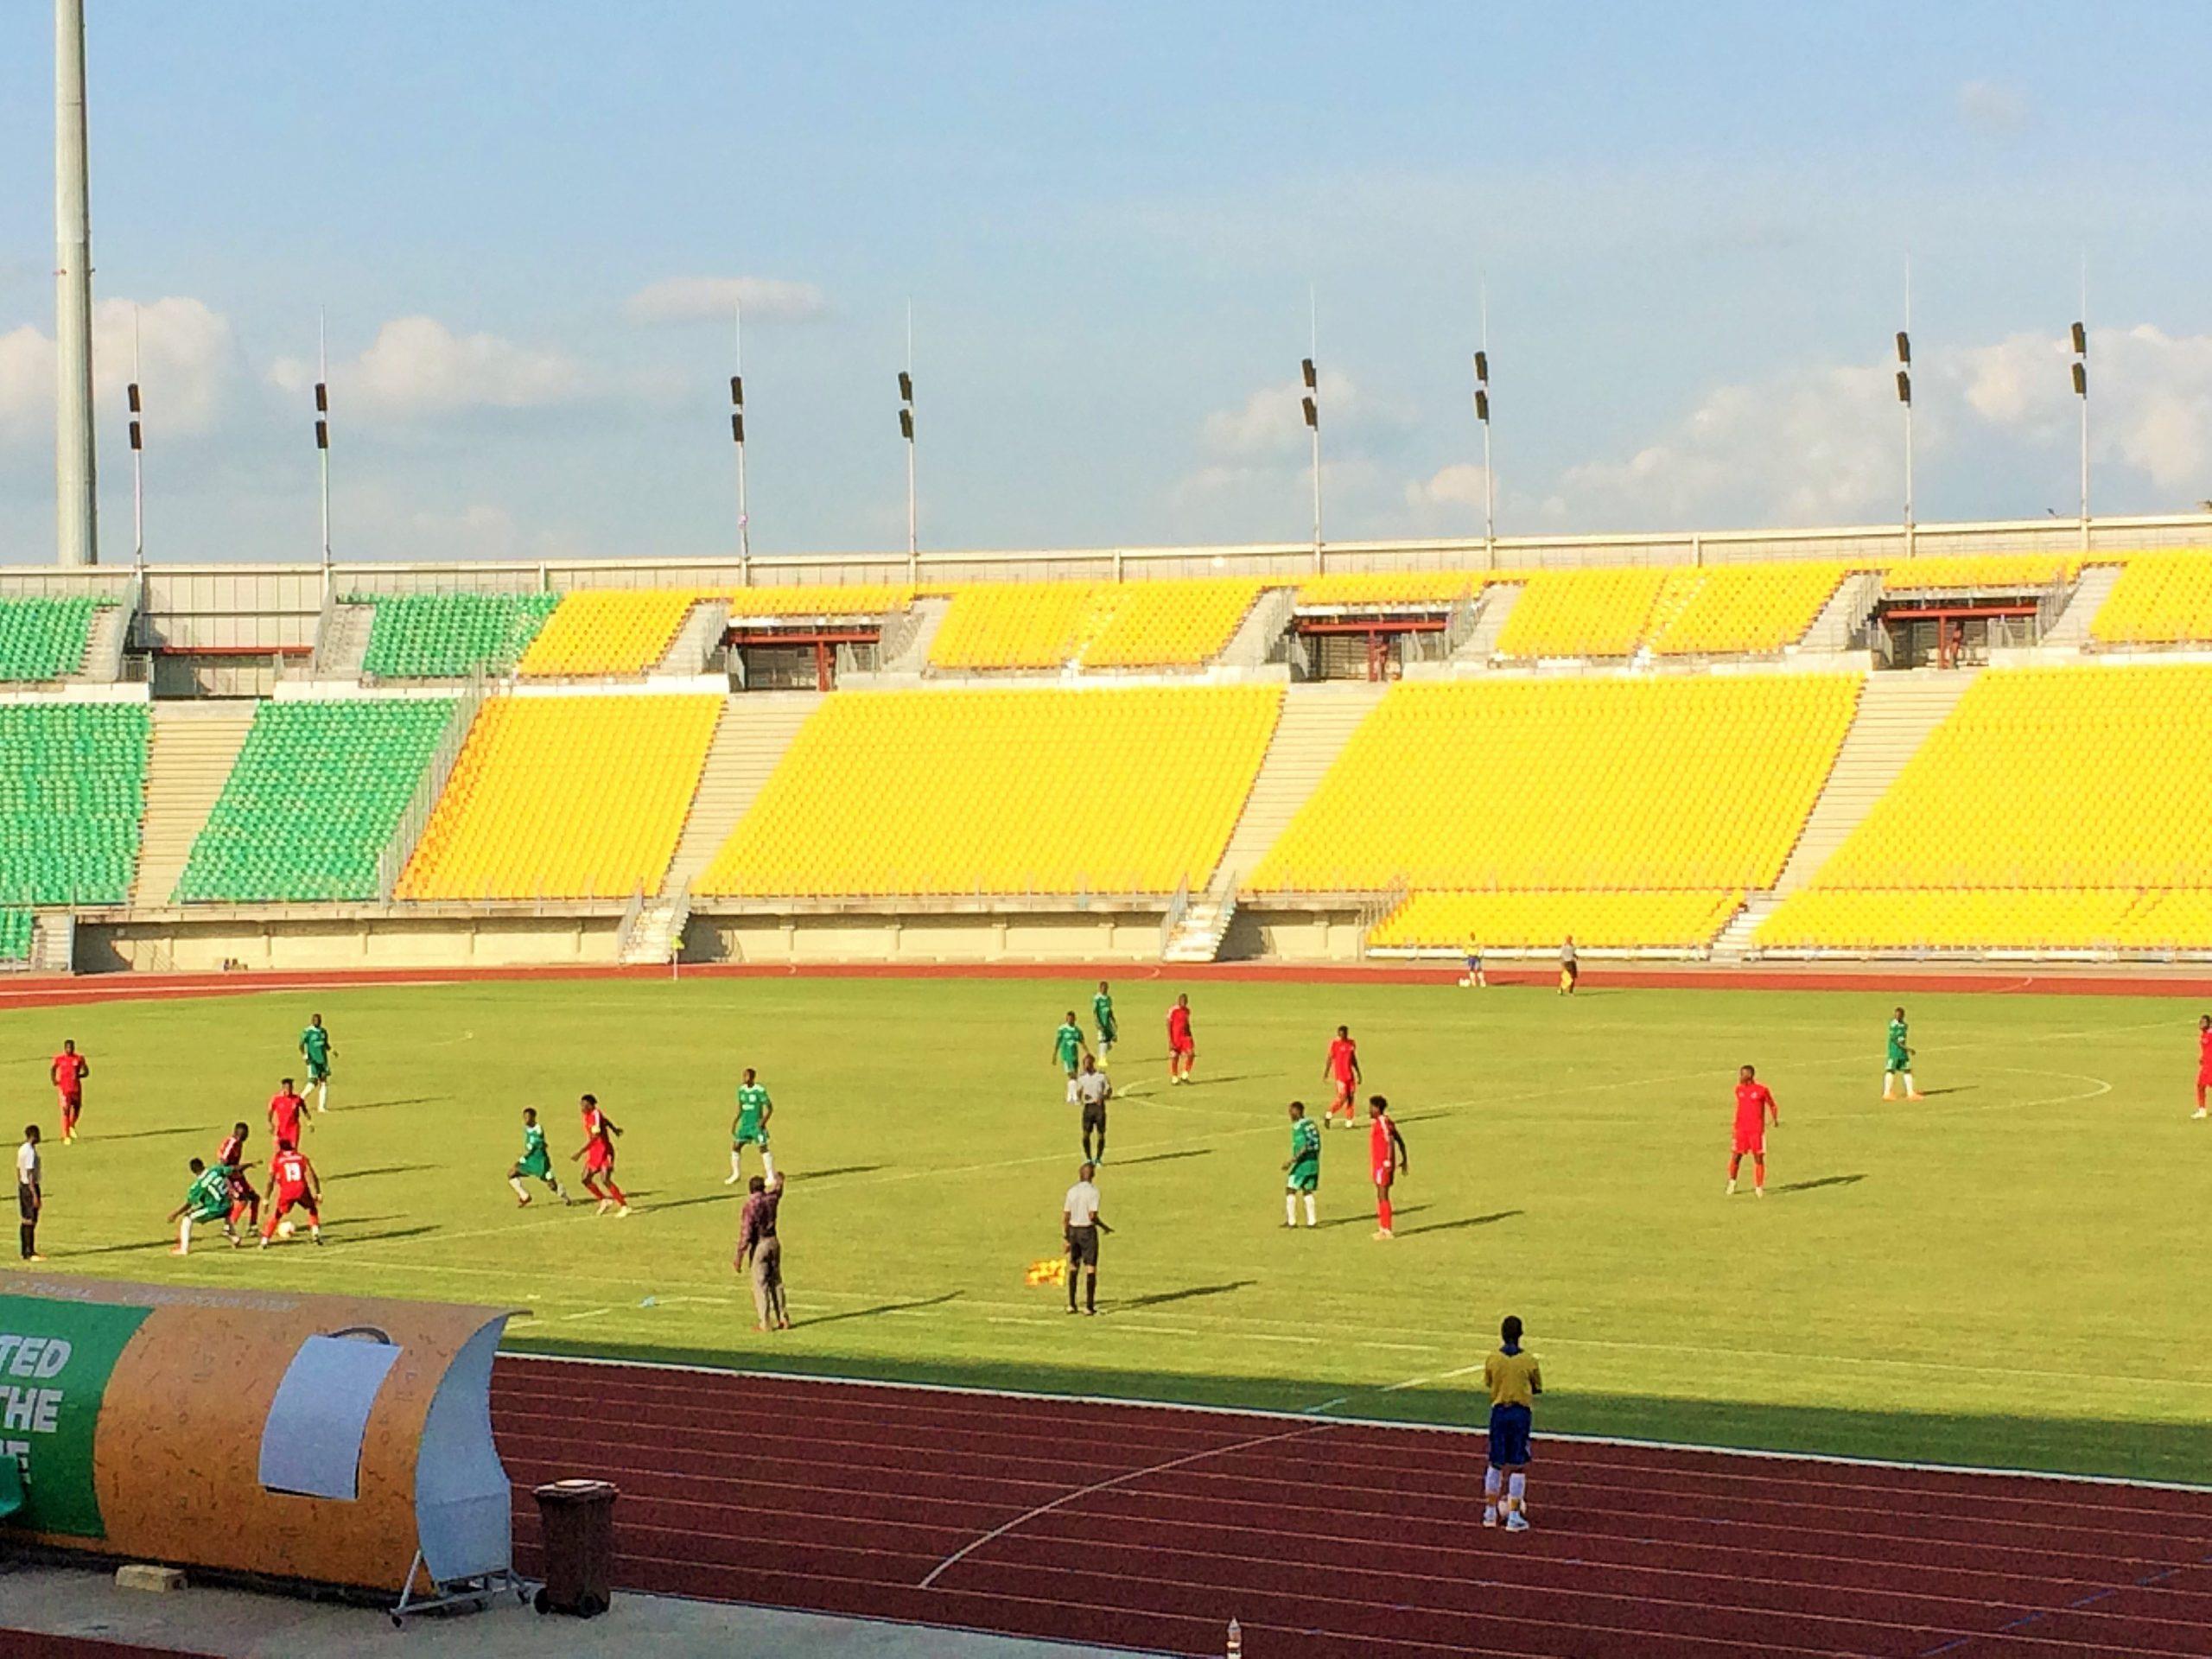 Dimanche 25 avril 2021. Une phase de jeu entre Fovu Club de Baham et Avion Academy. Crédit photo: Moustapha Oumarou